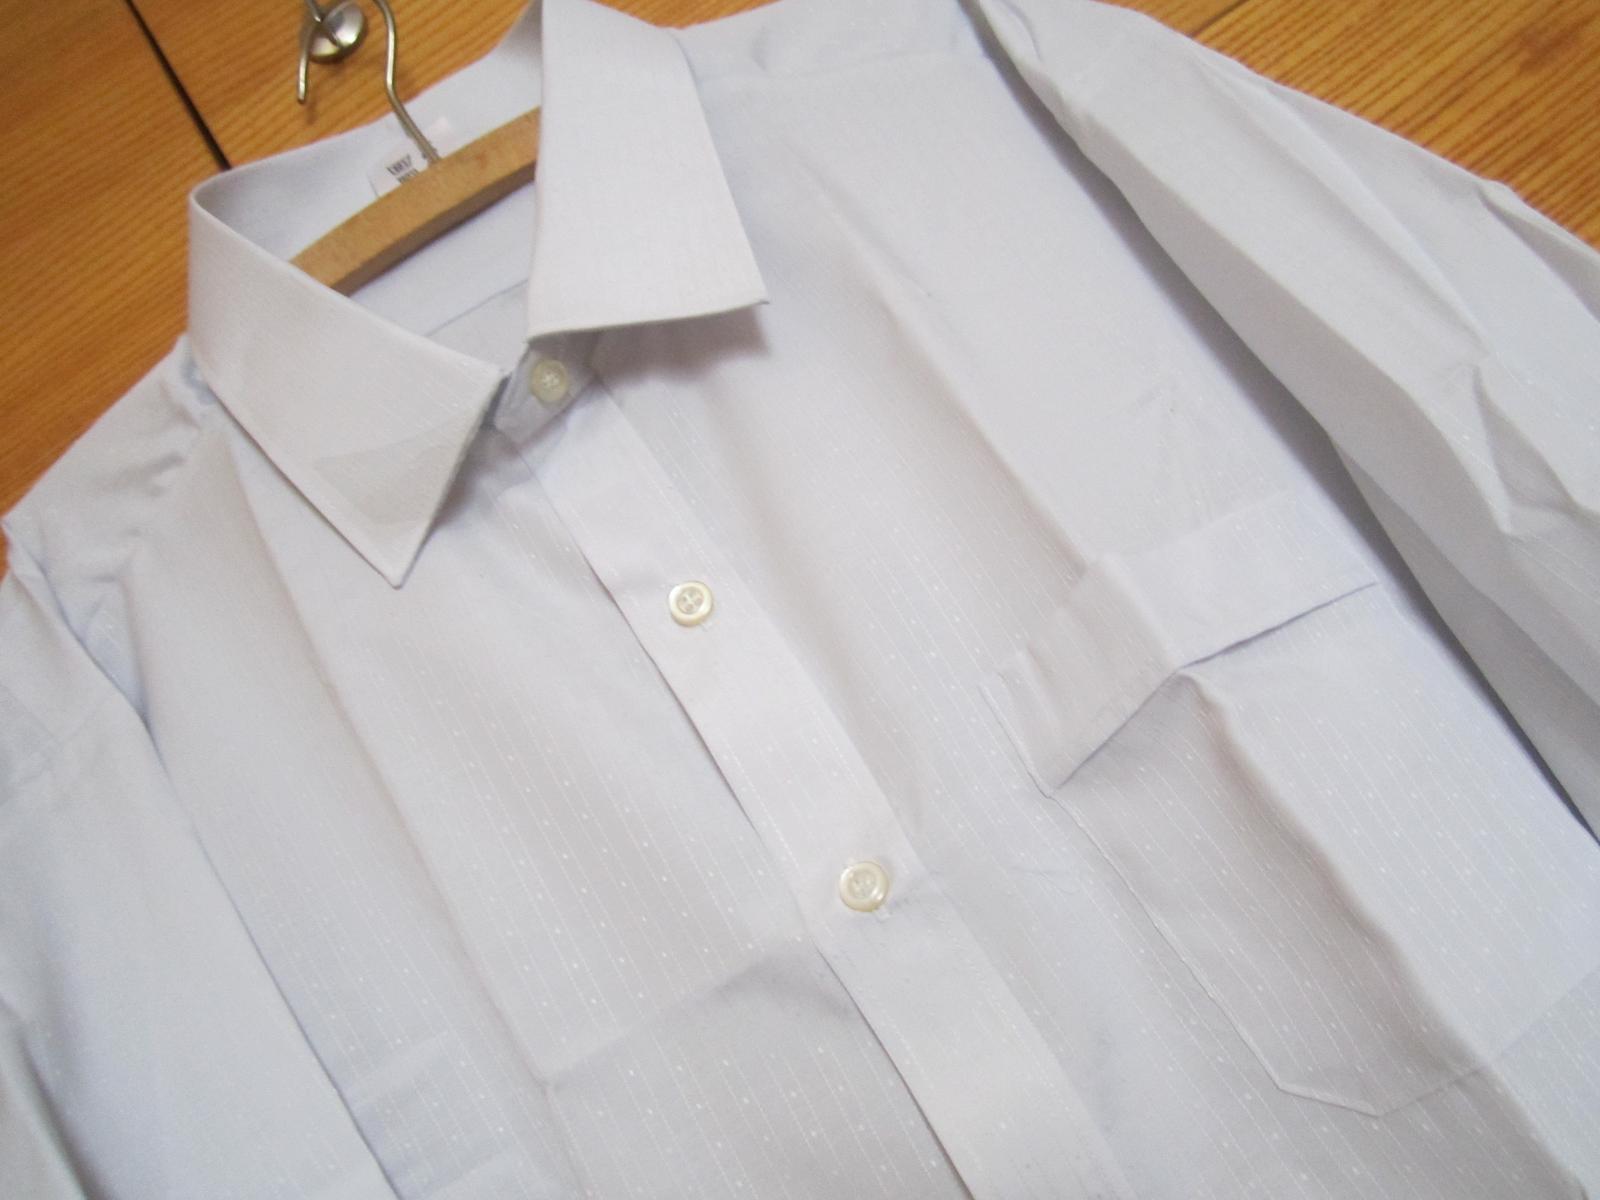 pánska košeľa - Obrázok č. 4